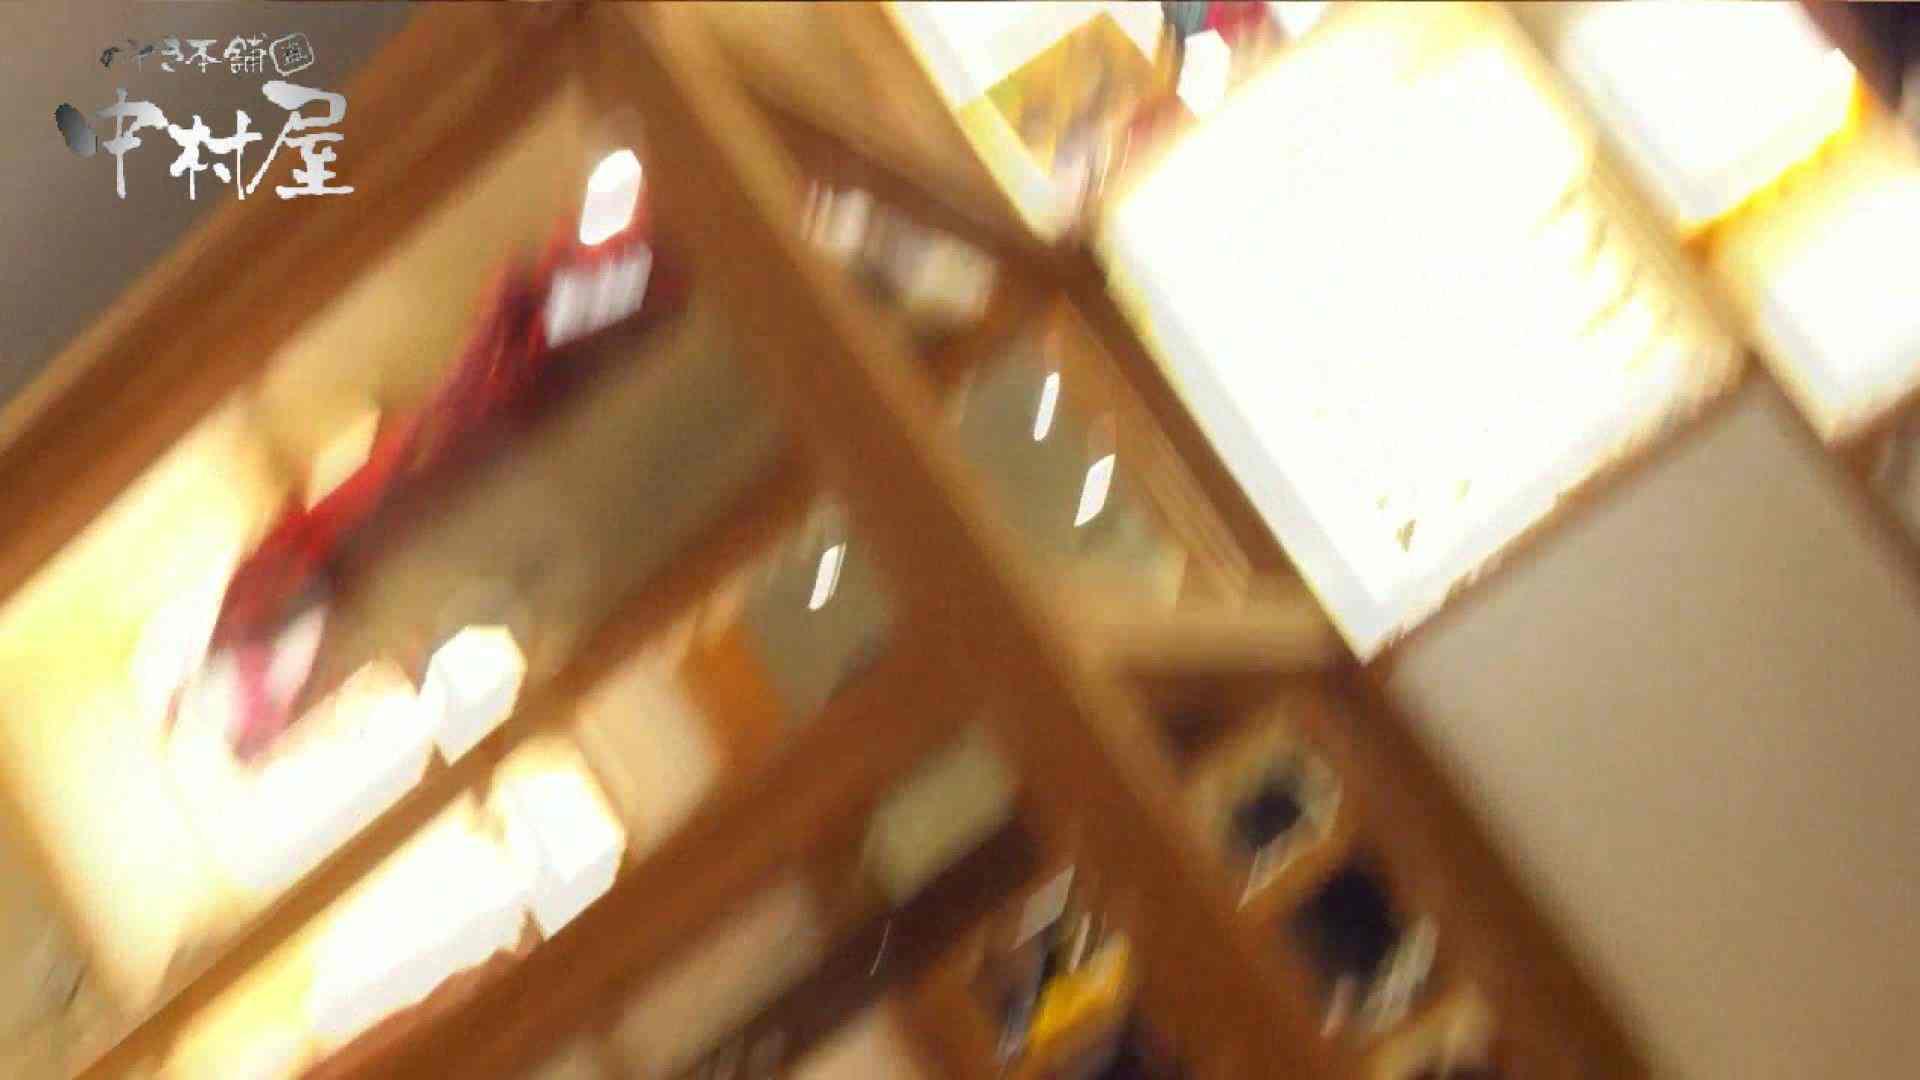 vol.65 美人アパレル胸チラ&パンチラ ムッチリ感がいい感じ花がらパンツさん 接写 スケベ動画紹介 95PIX 30